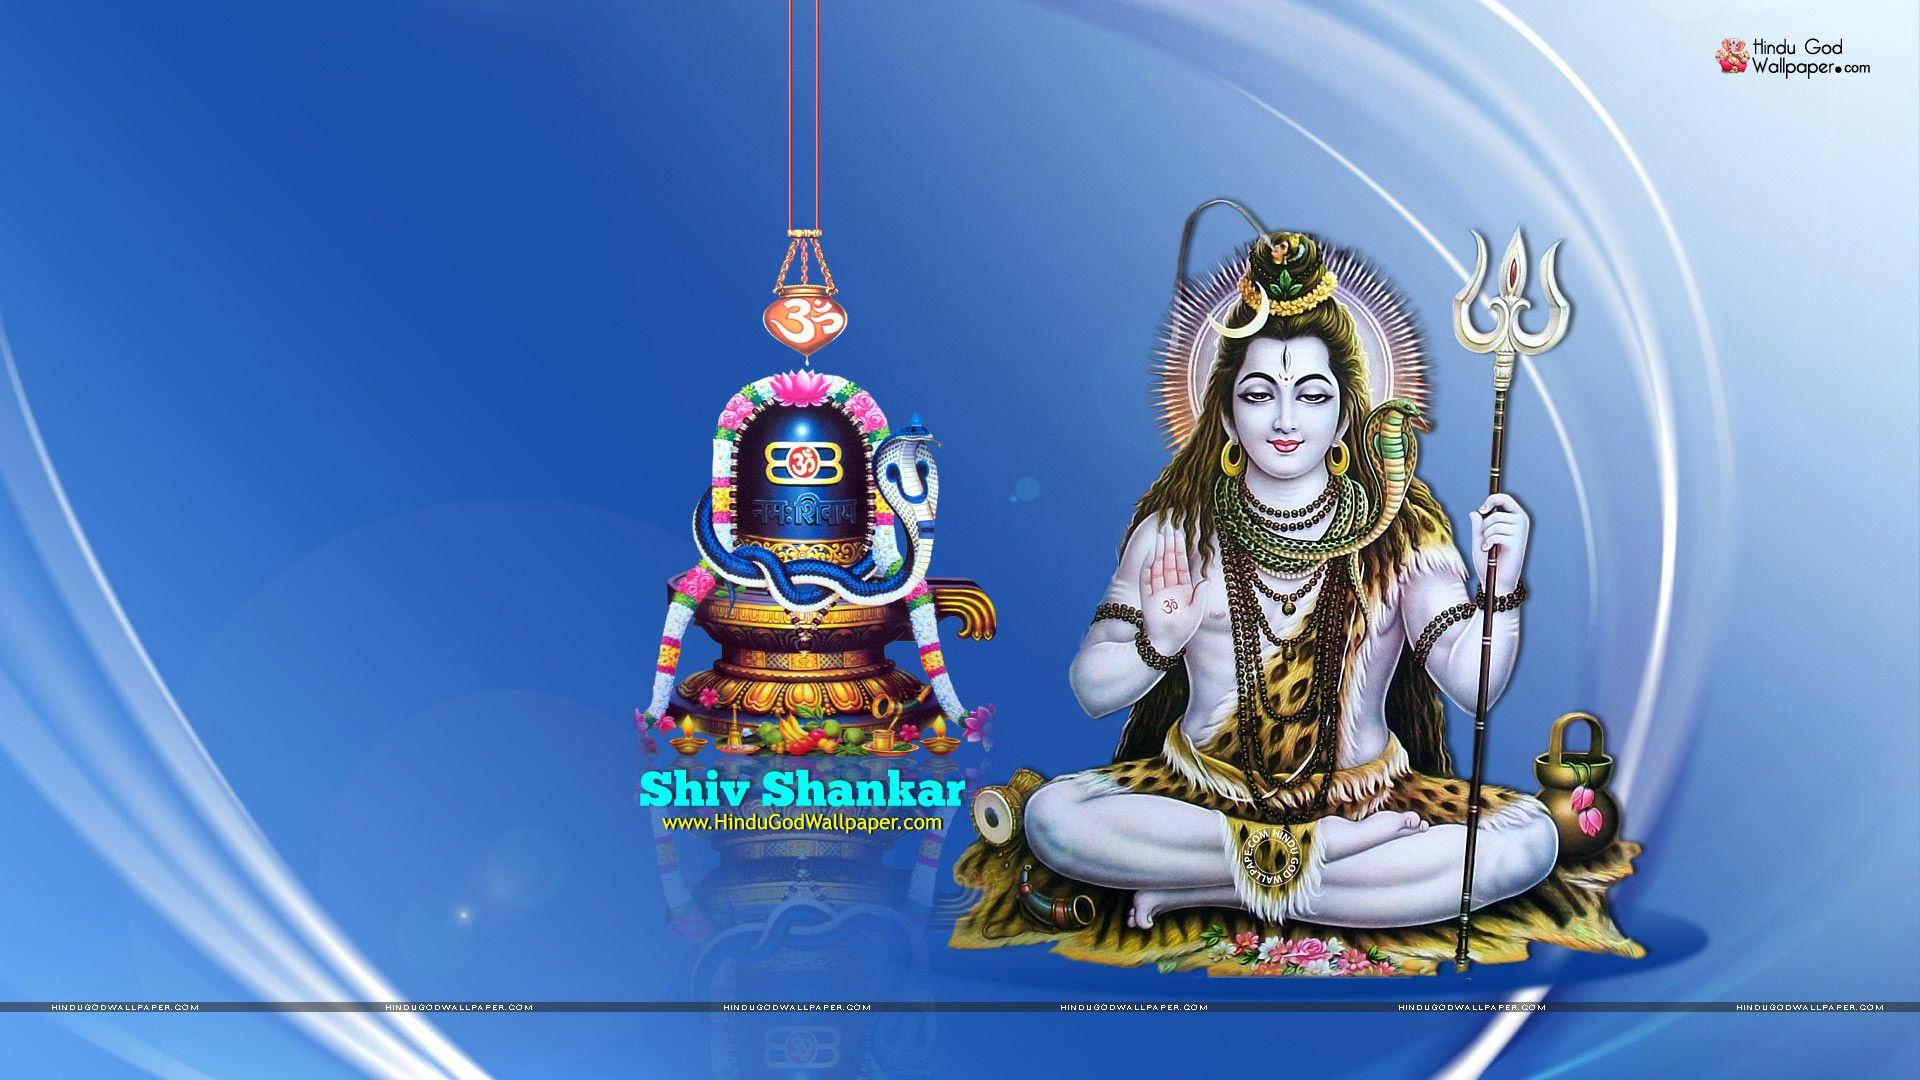 1920x1080 Shiv Shankar Wallpaper Hd Full Size 1080p Download Lord Shiva Lord Krishna Hd Wallpaper Hd Wallpapers 1080p Lord Shiva Hd Wallpaper